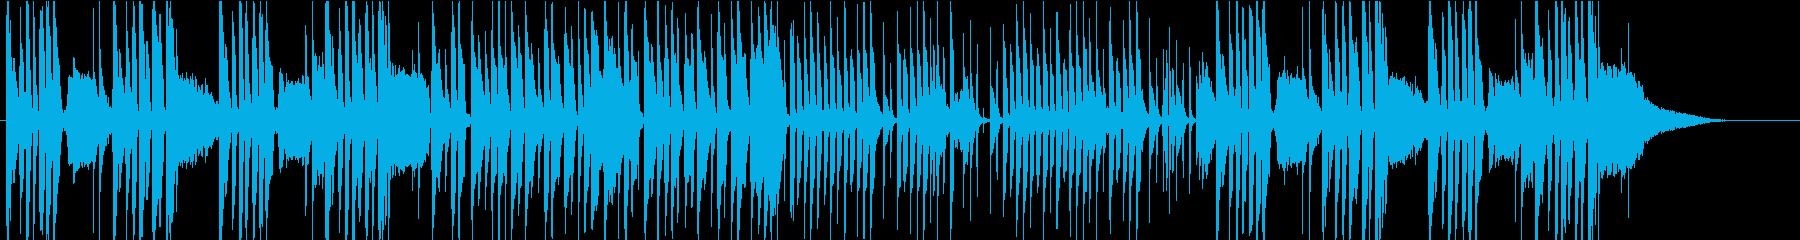 コミカルな日常系劇伴の再生済みの波形